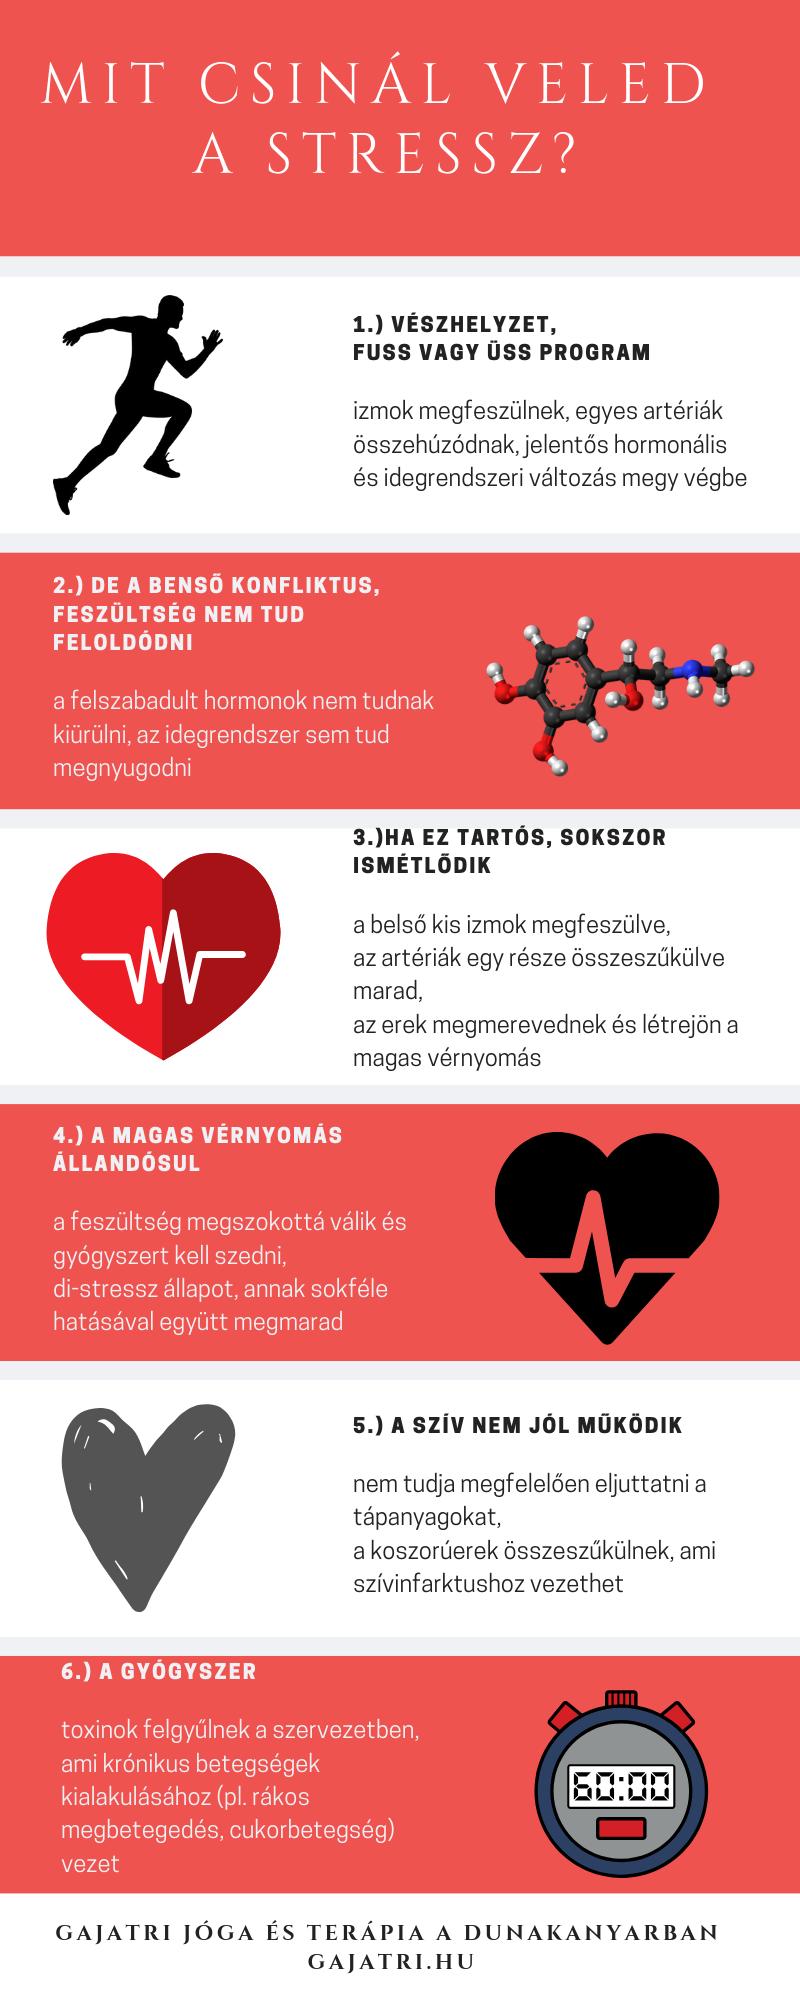 magas vérnyomás milyen ételeket tudsz)